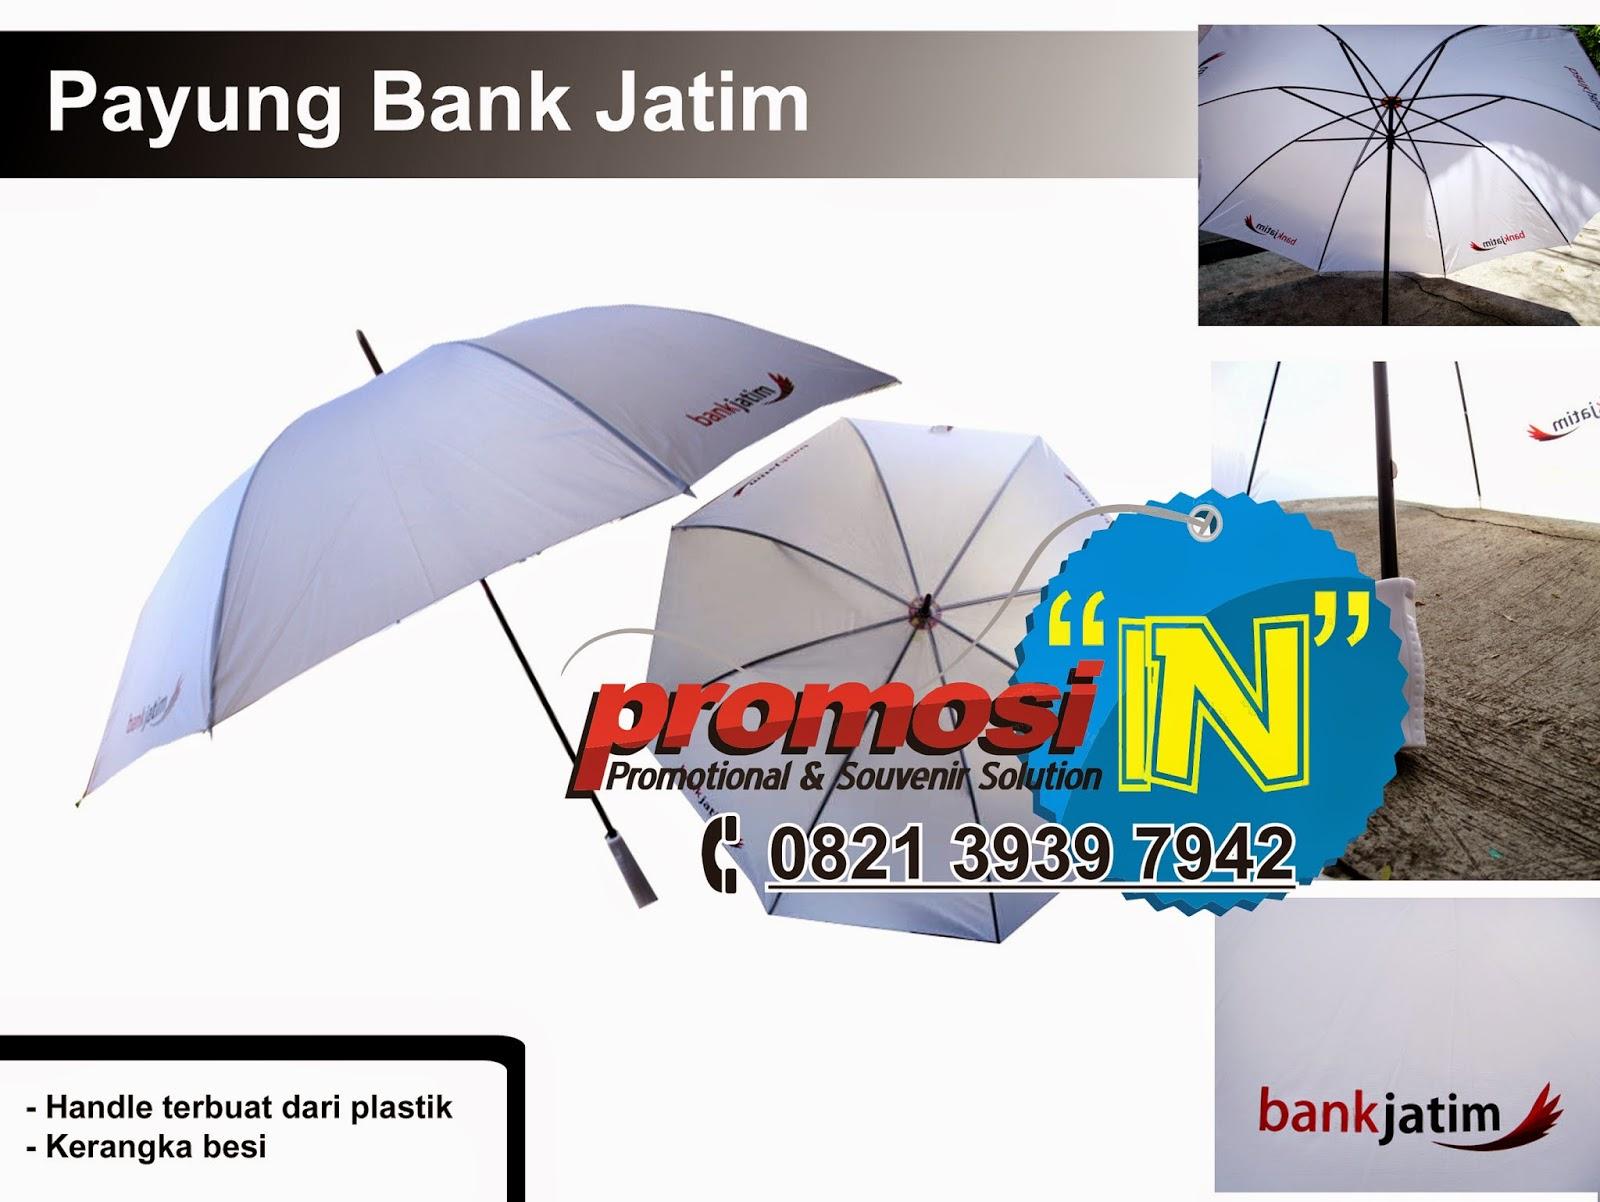 Bikin Payung Murah, Payung, Payung Dinas, Bikin Payung Desain Sensiri, Payung Golf, Payung Kotak